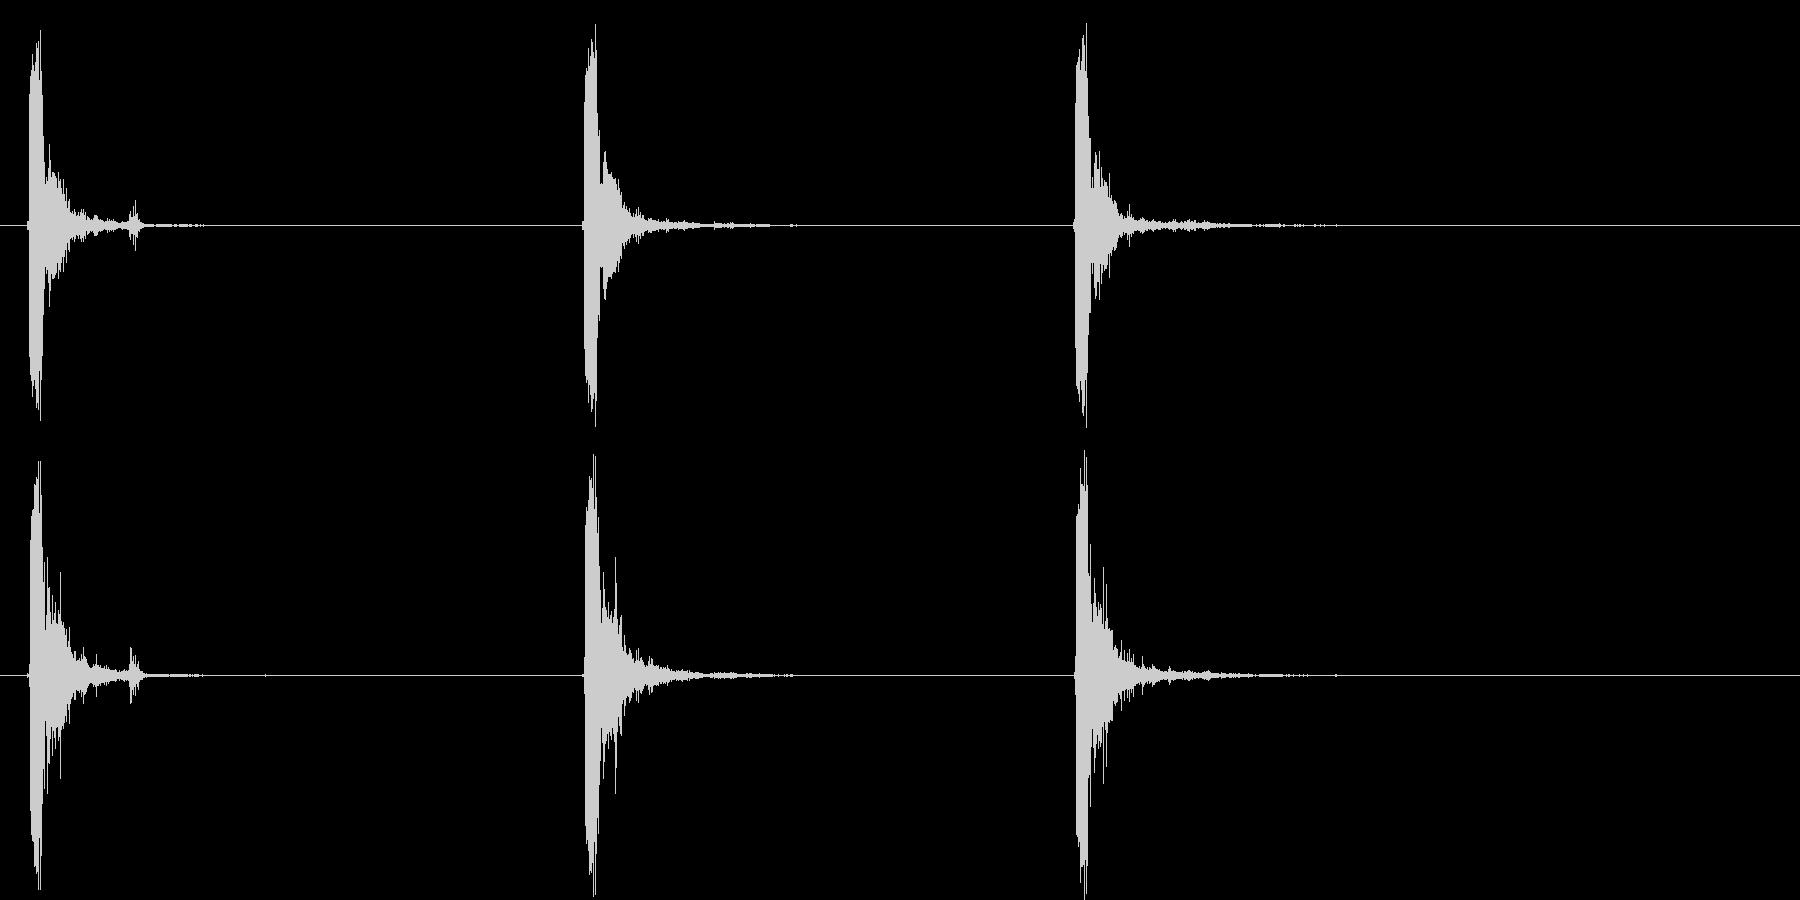 ミニ-14自動:シングルショット(...の未再生の波形